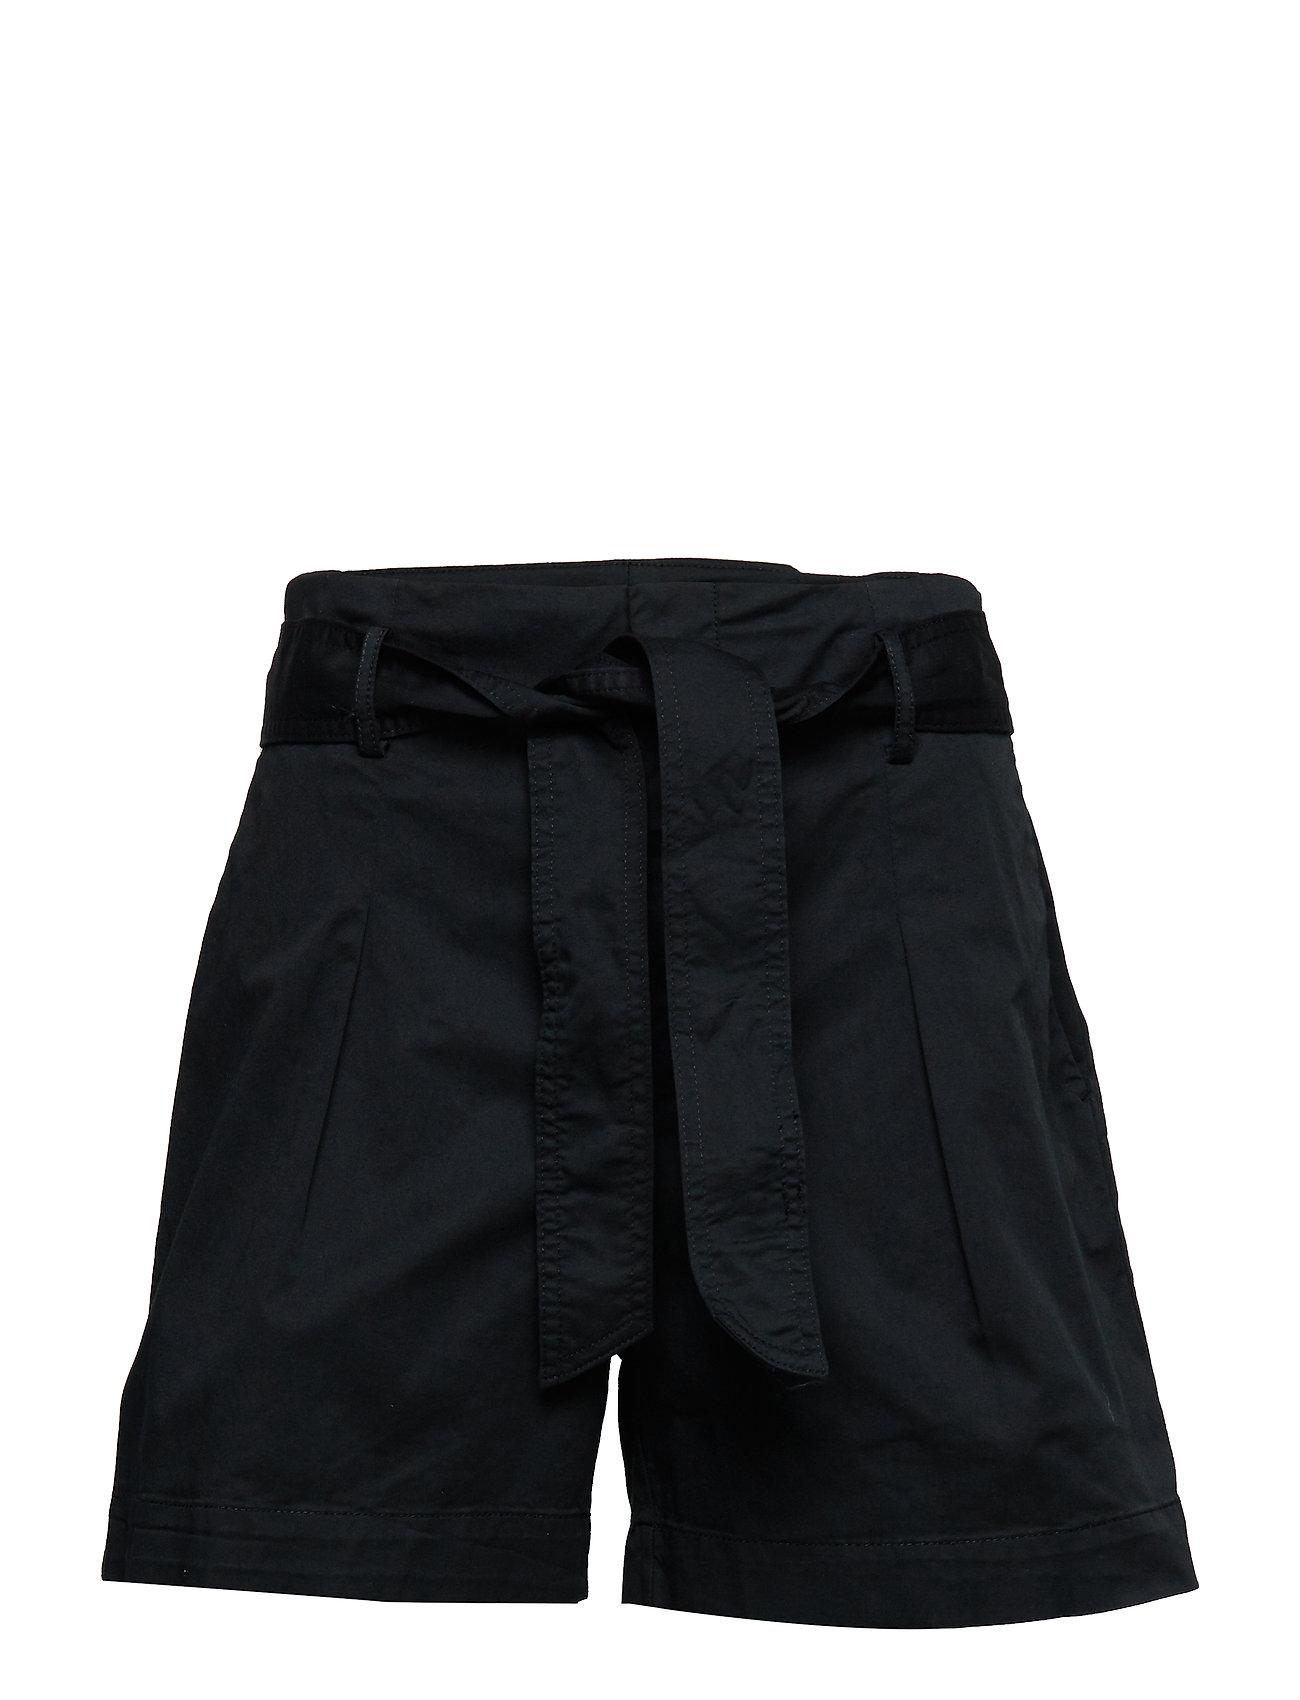 Lauren Ralph Lauren Belted Twill Short - POLO BLACK